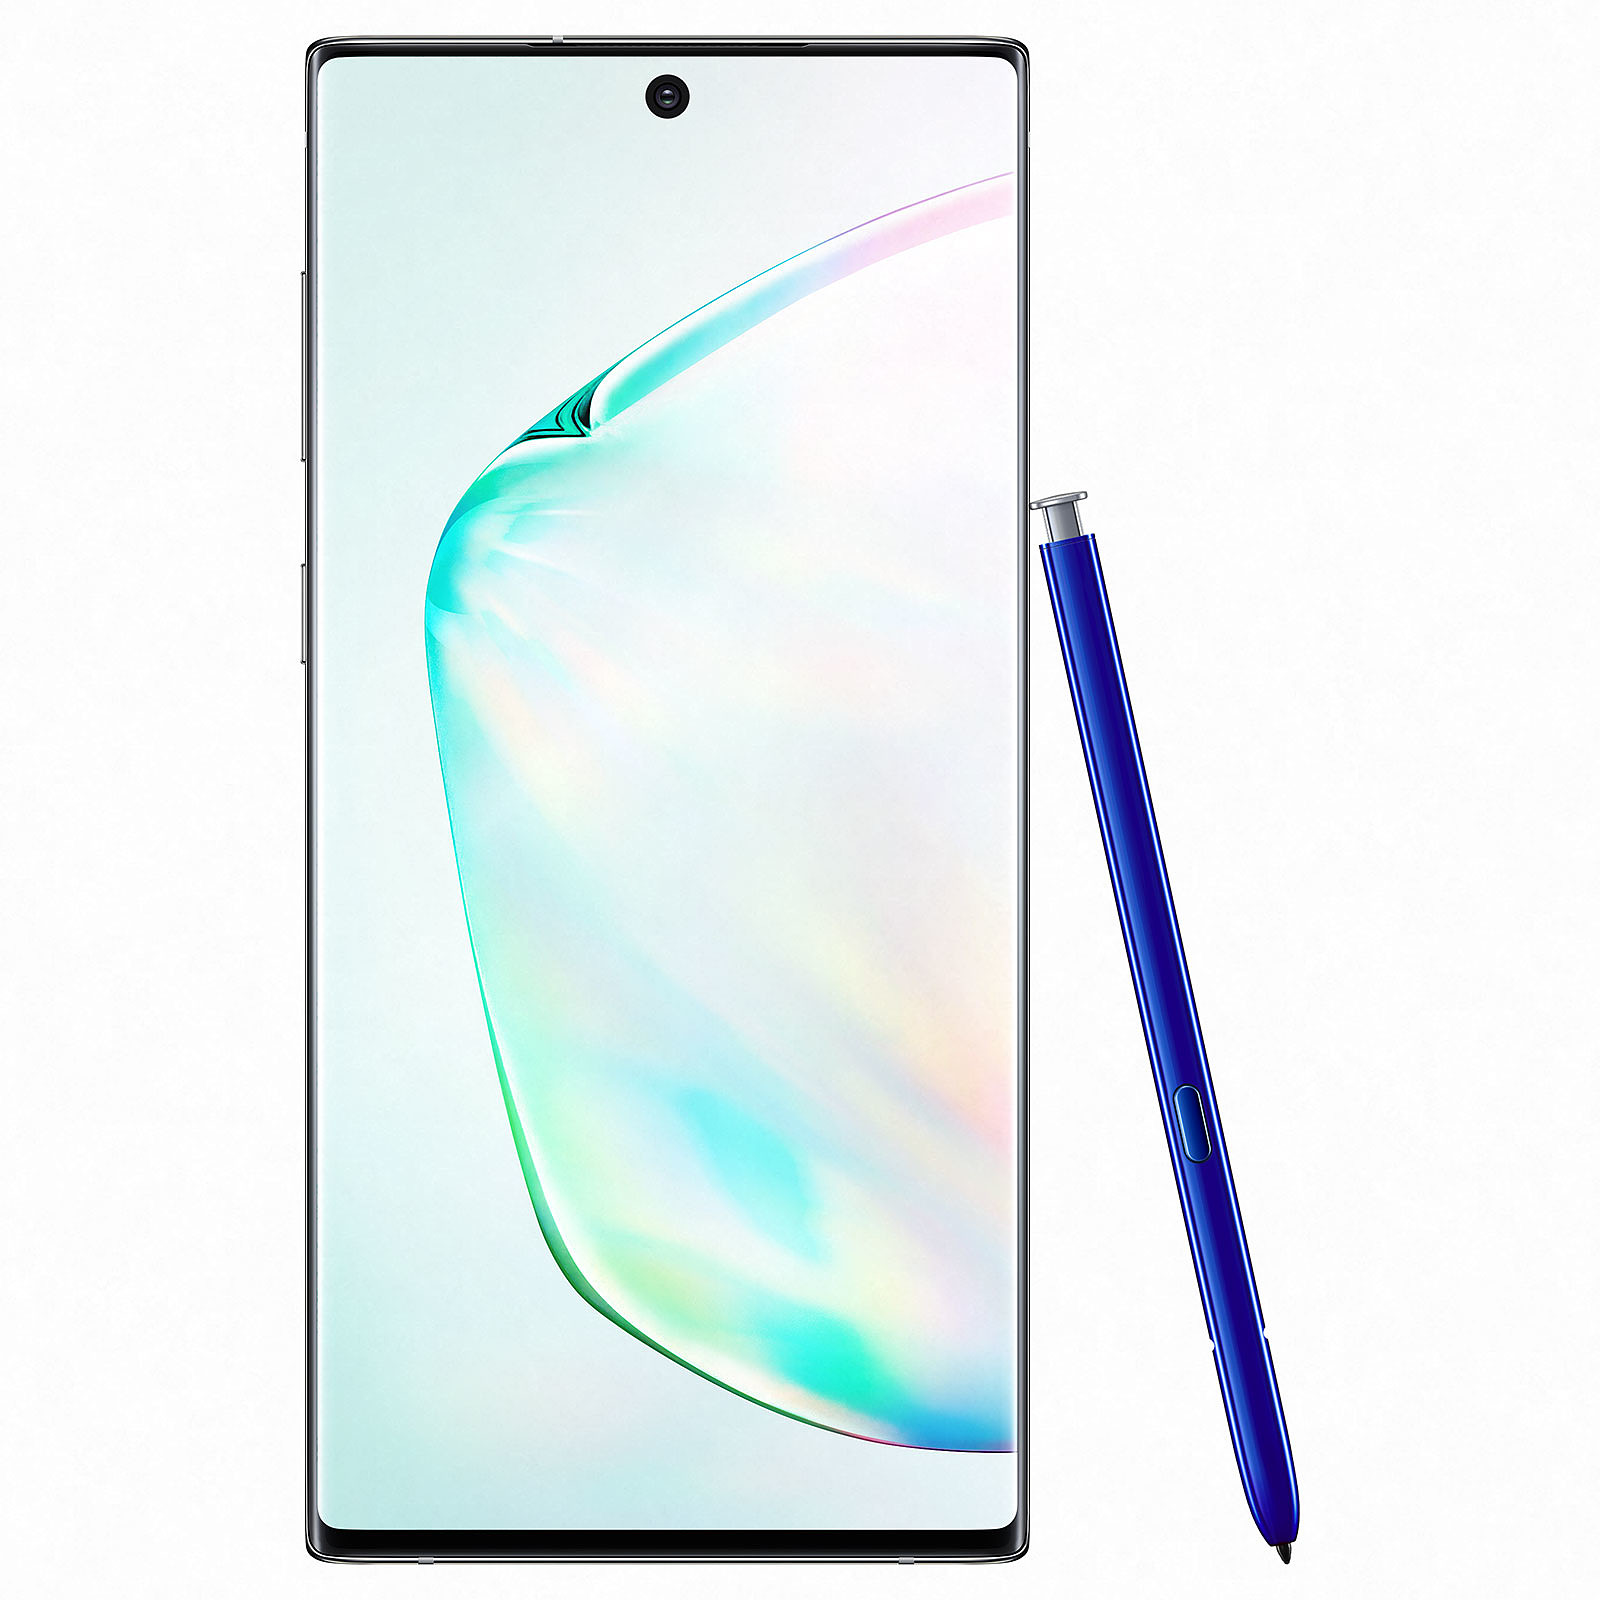 Samsung Galaxy Note 10 SM-N970 Argent Stellaire (8 Go / 256 Go)